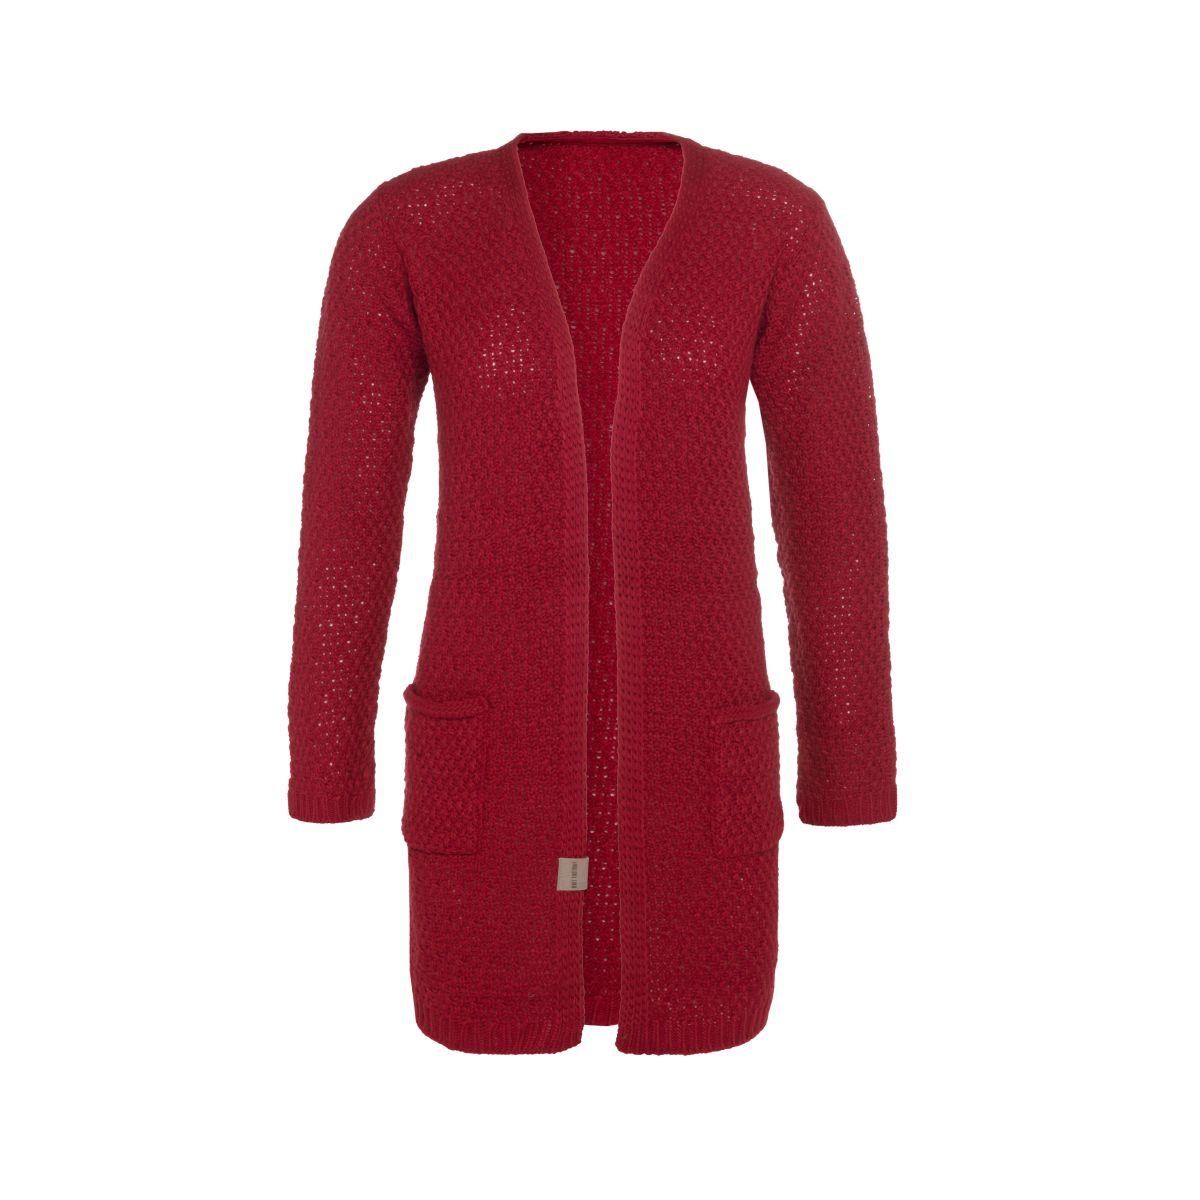 knit factory kf13308100351 luna vest bordeaux 4042 1